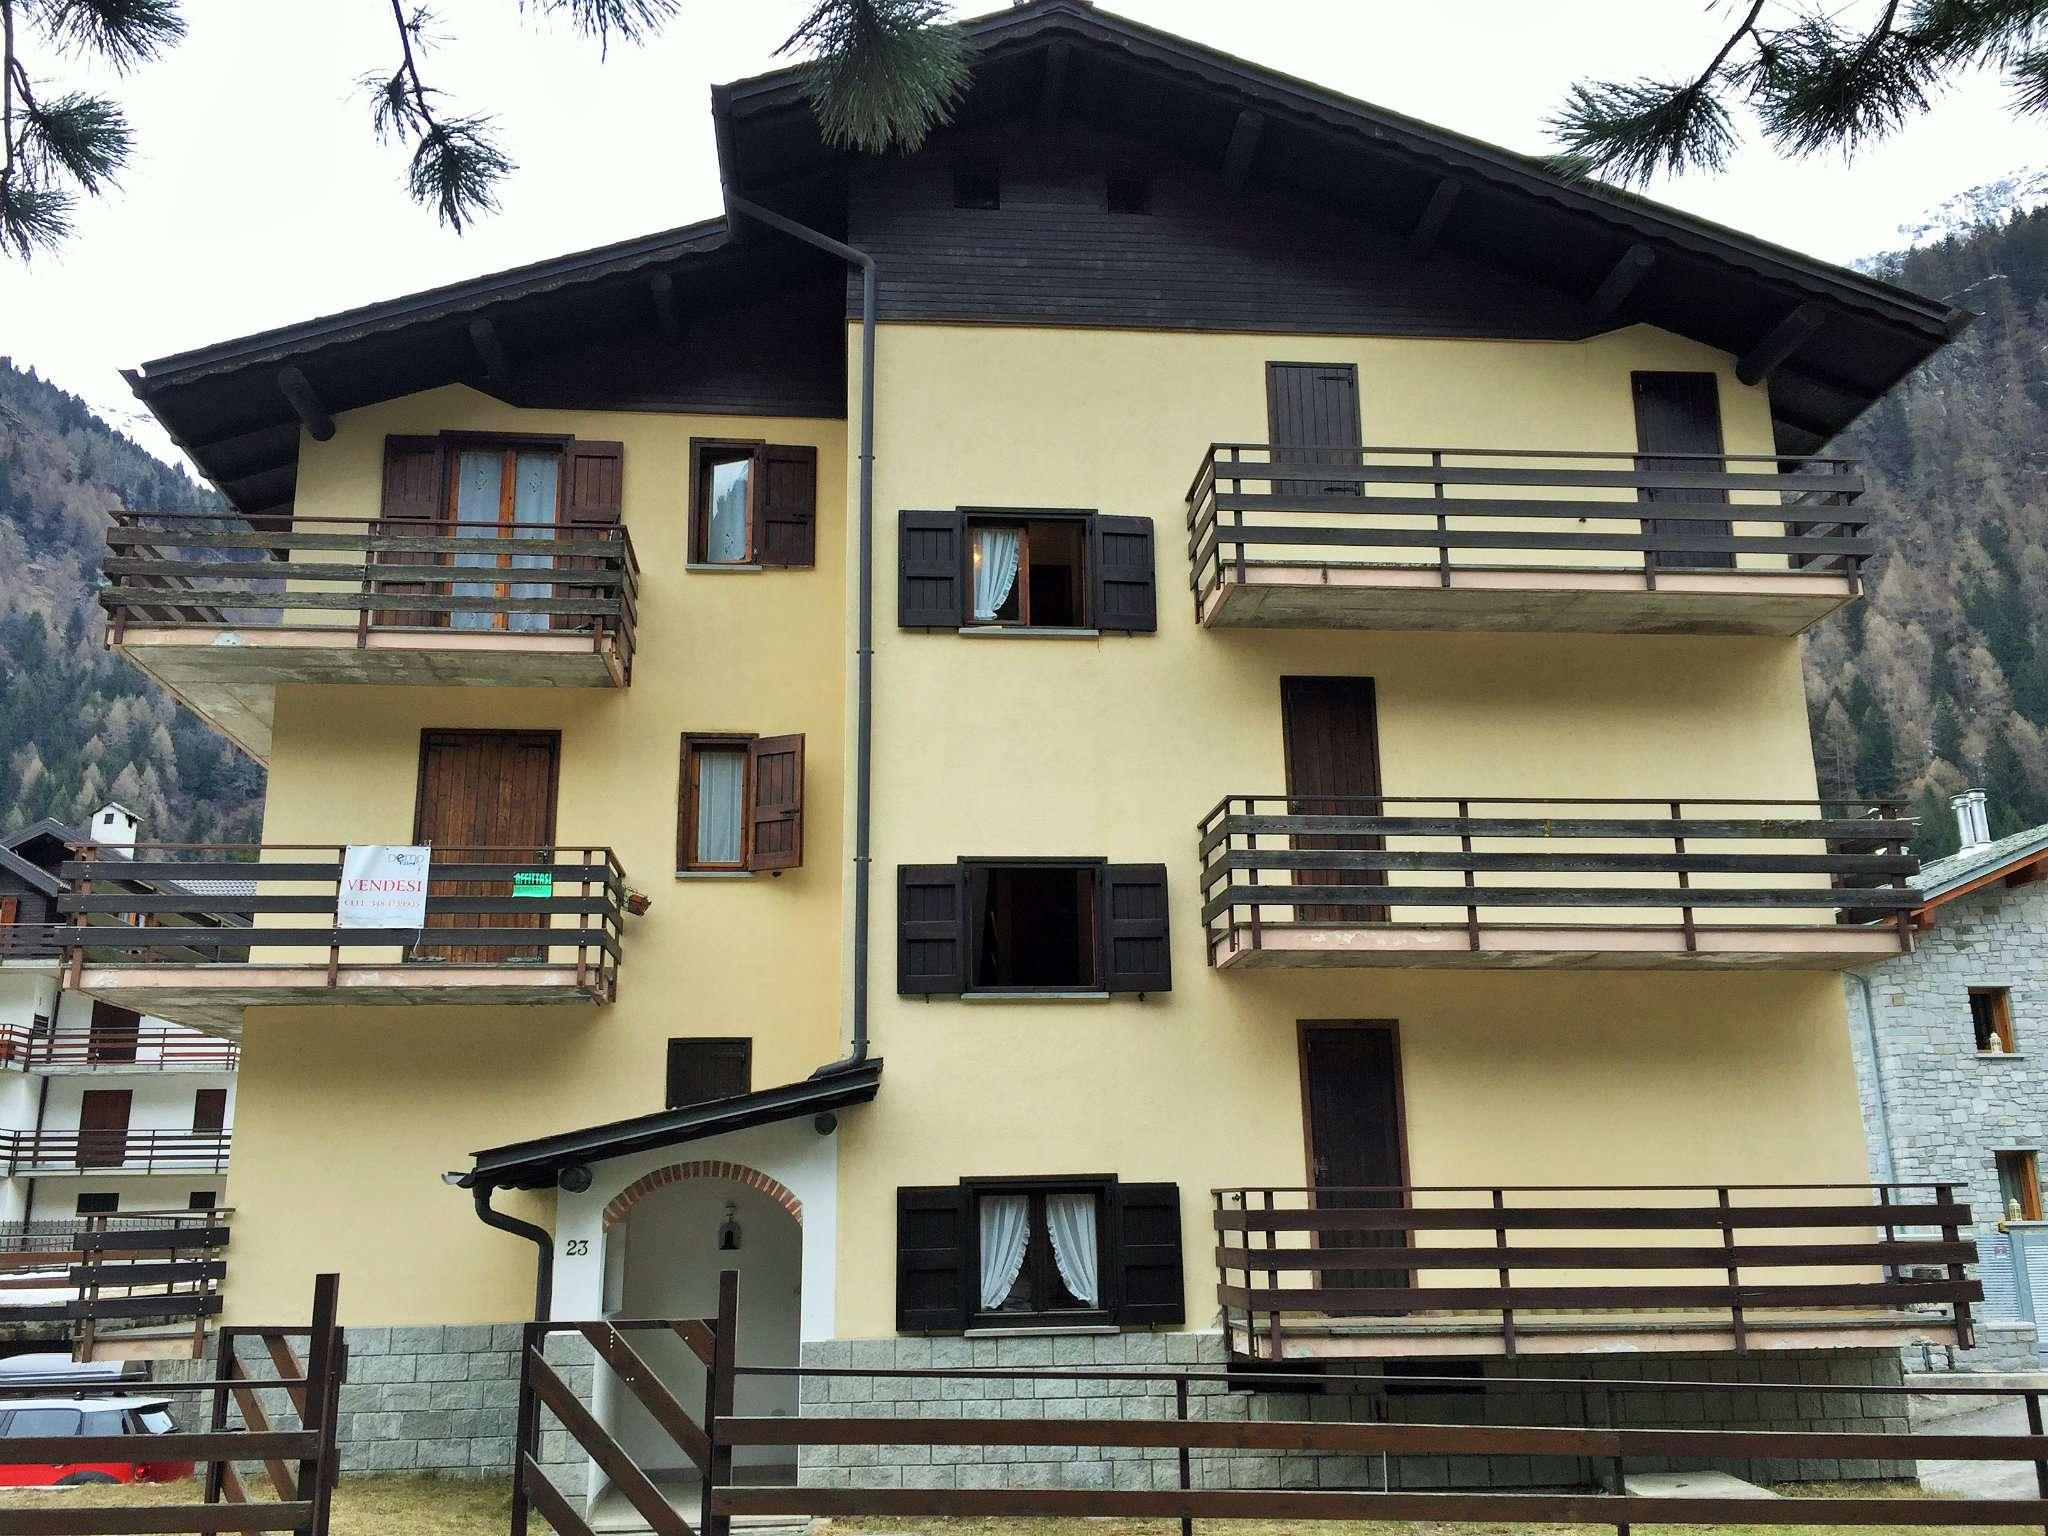 Appartamento in vendita a Campodolcino, 2 locali, prezzo € 135.000 | CambioCasa.it